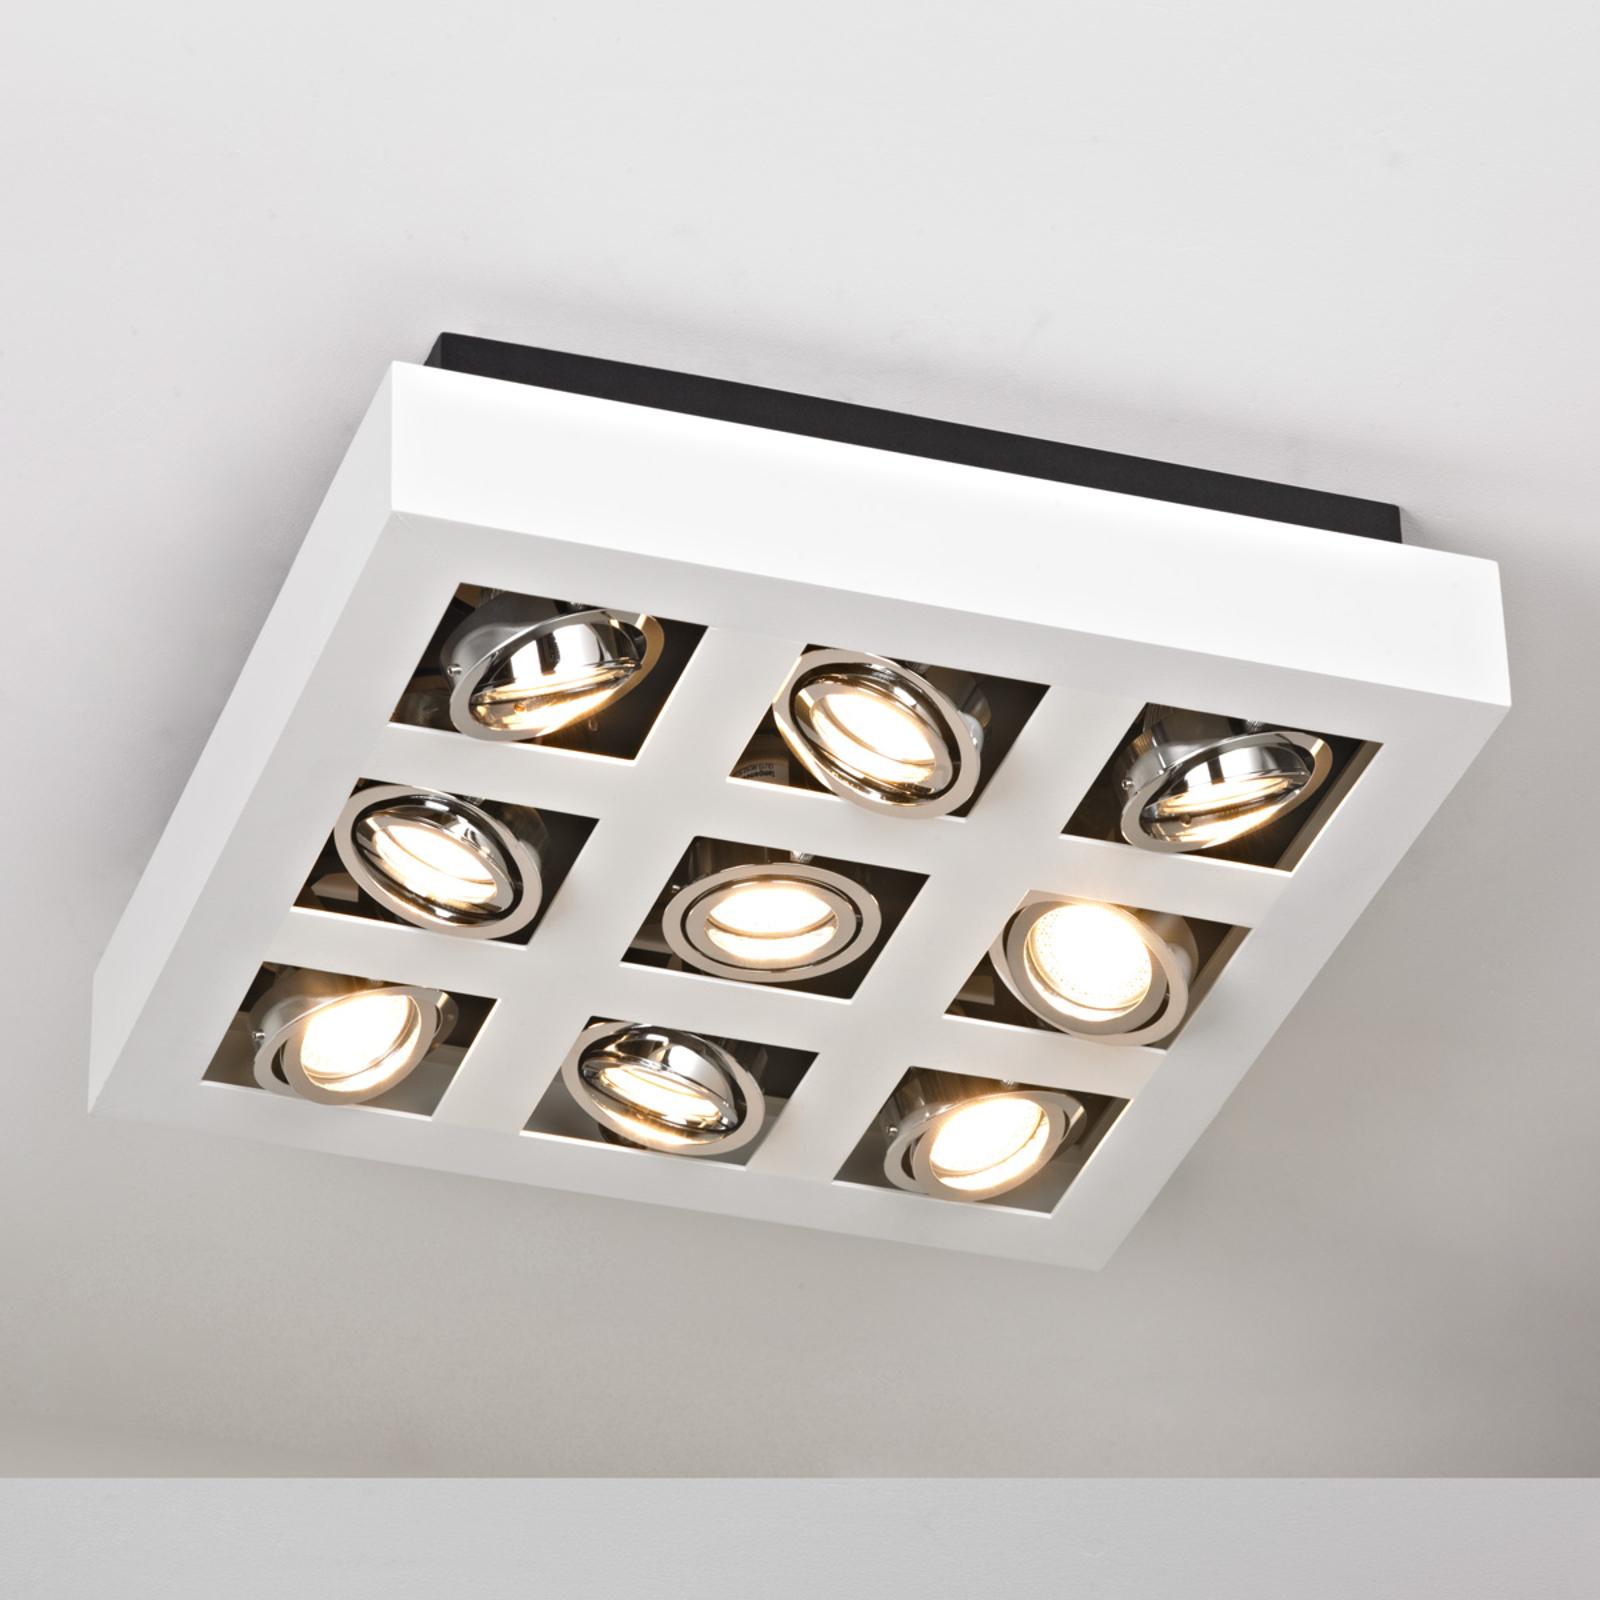 Plafonnier LED Vince lumineux à 9 lampes